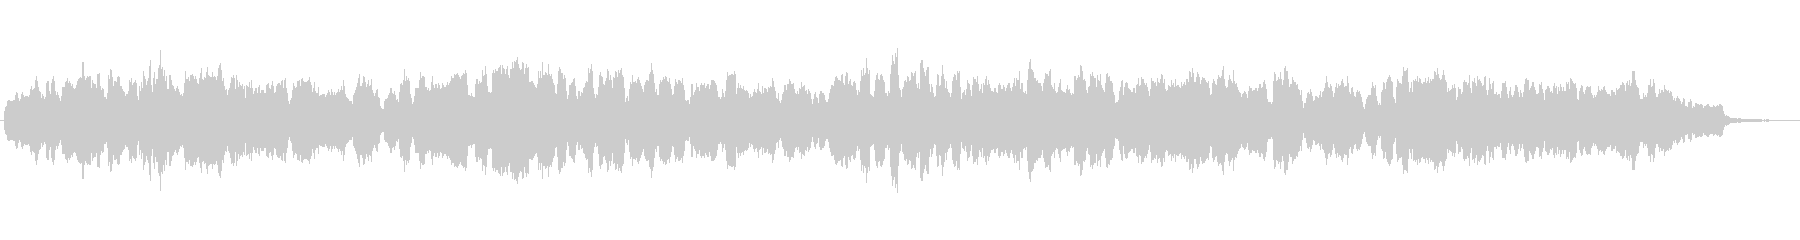 バスクラリネットとシンセのジングル2の未再生の波形